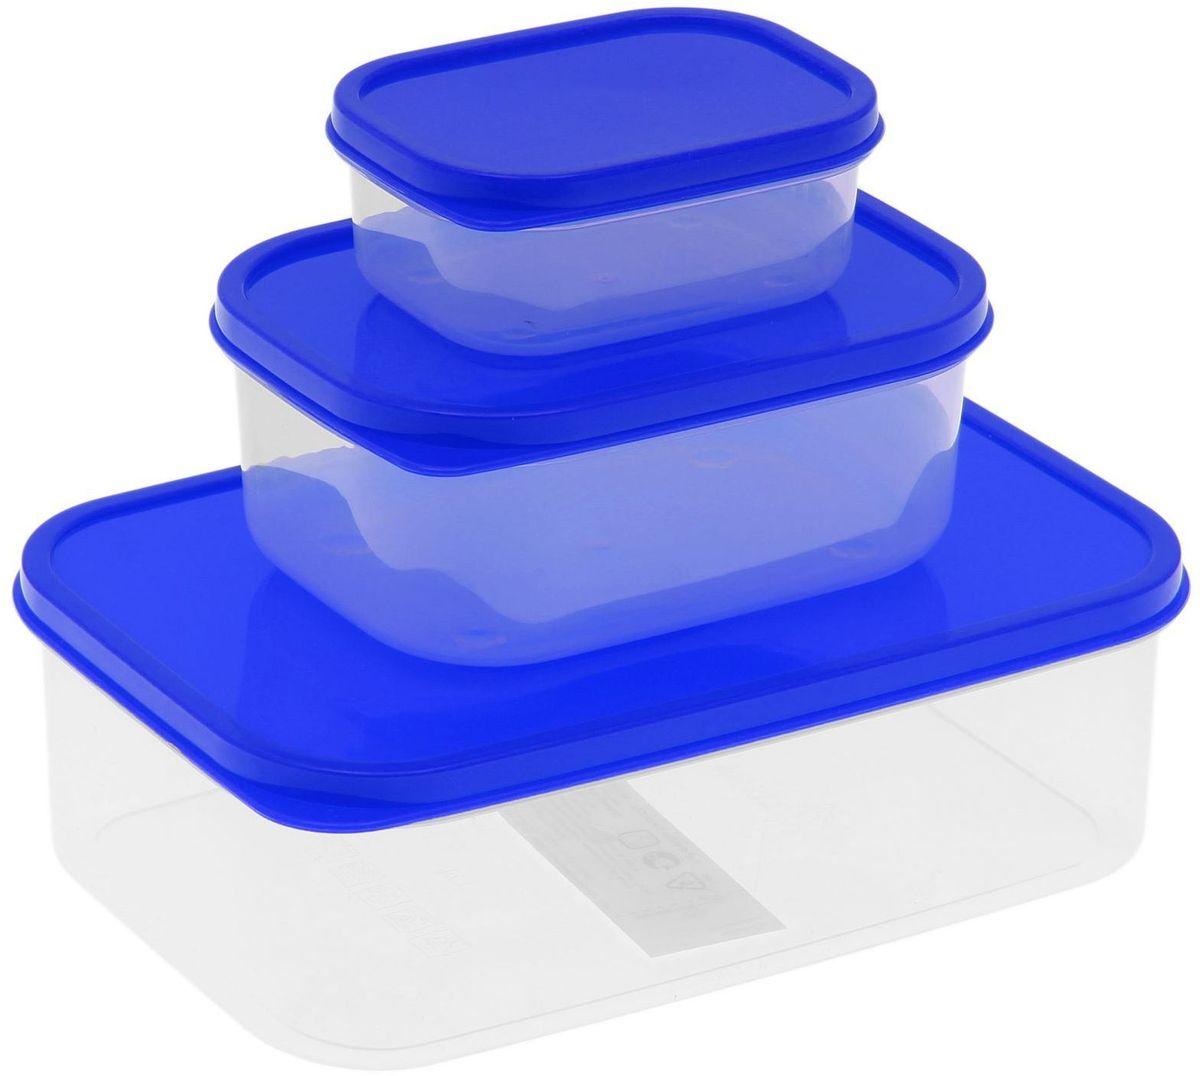 Набор пищевых контейнеров Доляна, цвет: синий, 3 шт1333883Если после вкусного обеда осталась еда, а насладиться трапезой хочется и на следующий день, ланч-бокс станет отличным решением данной проблемы! Такой контейнер является незаменимым предметом кухонной утвари, ведь у него много преимуществ: Простота ухода. Ланч-бокс достаточно промыть тёплой водой с небольшим количеством чистящего средства, и он снова готов к использованию. Вместительность. Большой выбор форм и объёма поможет разместить разнообразные продукты от сахара до супов. Эргономичность. Ланч-боксы очень легко хранить даже в самой маленькой кухне, так как их можно поставить один в другой по принципу матрёшки. Многофункциональность. Разнообразие цветов и форм делает возможным использование контейнеров не только на кухне, но и в других областях домашнего быта. Любители приготовления обеда на всю семью в большинстве случаев приобретают ланч-боксы наборами, так как это позволяет рассортировать продукты по всевозможным признакам. К тому же контейнеры среднего размера станут незаменимыми помощниками на работе: ведь что может быть приятнее, чем порадовать себя во время обеда прекрасной едой, заботливо сохранённой в контейнере? В качестве материала для изготовления используется пластик, что делает процесс ухода за контейнером ещё более эффективным. К каждому ланч-боксу в комплекте также прилагается крышка подходящего размера, это позволяет плотно и надёжно удерживать запах еды и упрощает процесс транспортировки. Однако рекомендуется соблюдать и меры предосторожности: не использовать пластиковые контейнеры в духовых шкафах и на открытом огне, а также не разогревать в микроволновых печах при закрытой крышке ланч-бокса. Соблюдение мер безопасности позволит продлить срок эксплуатации и сохранить отличный внешний вид изделия. Эргономичный дизайн и многофункциональность таких контейнеров — вот, что является причиной большой популярности данного предмета у каждой хозяйки. А в преддверии лета и дачного сезона такое прио